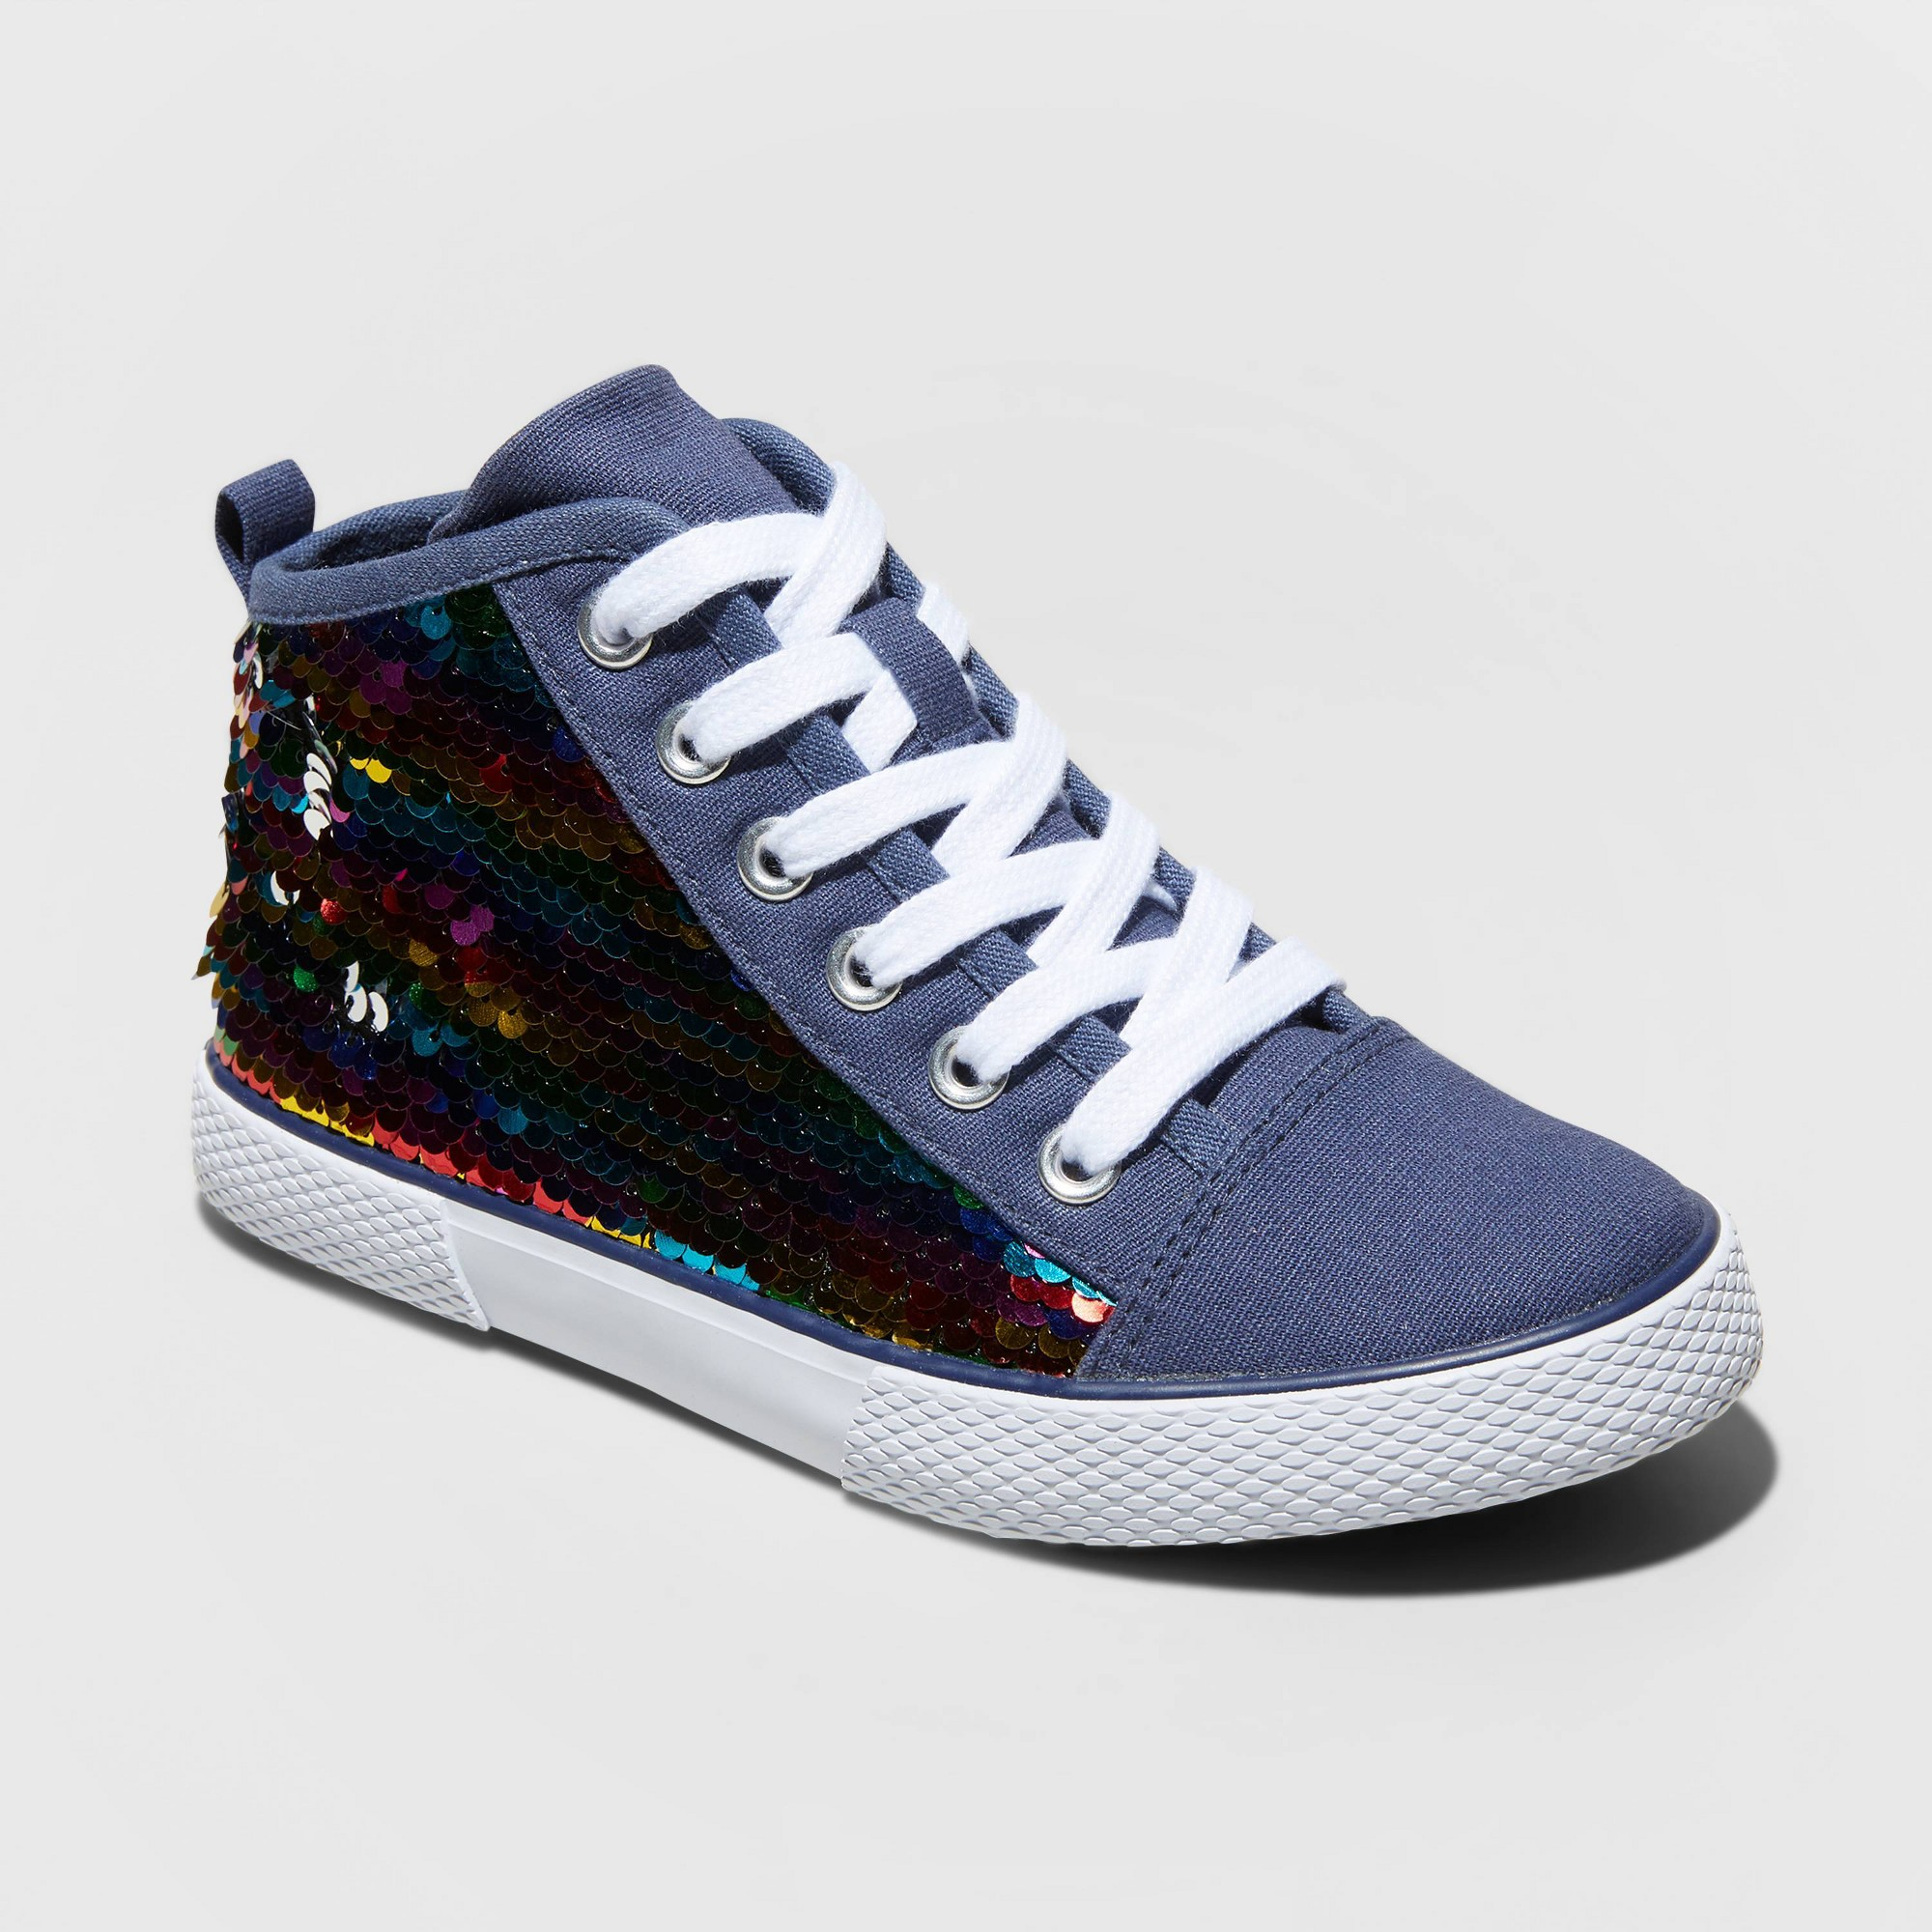 Girls' Zandra Flip Sequin Mid Top Sneakers - Cat & Jack Navy 13, Blue